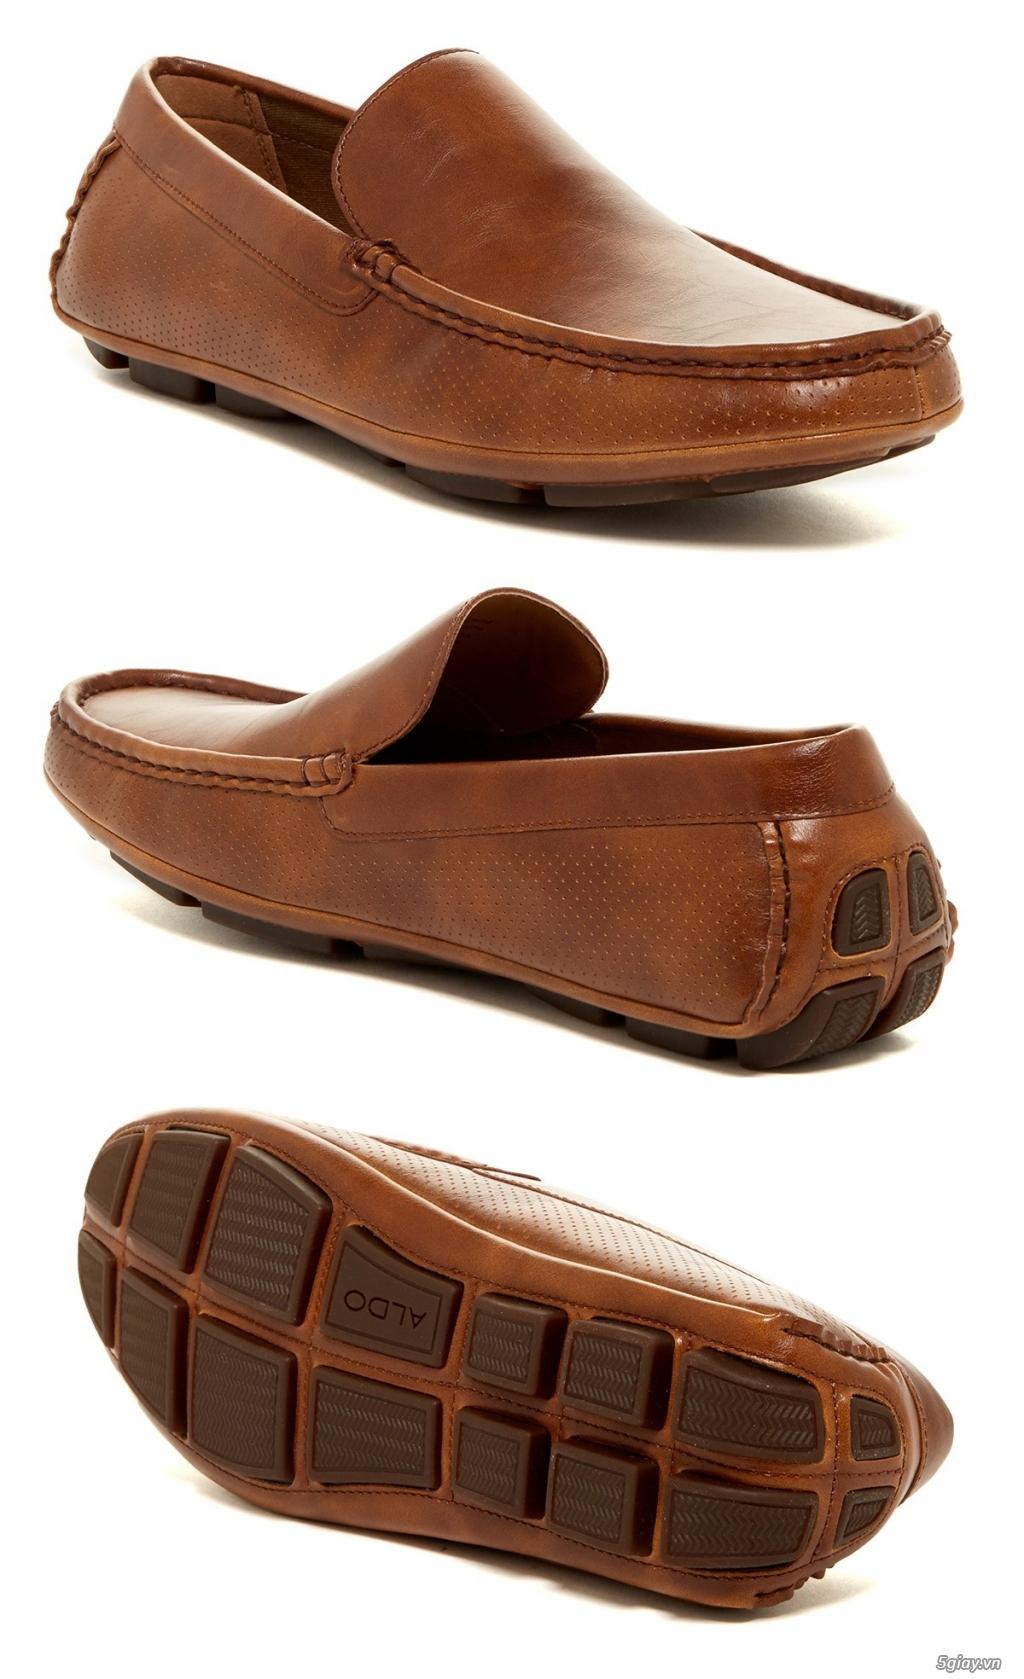 Giày dép hàng hiệu - xách tay 100% từ mỹ - 21